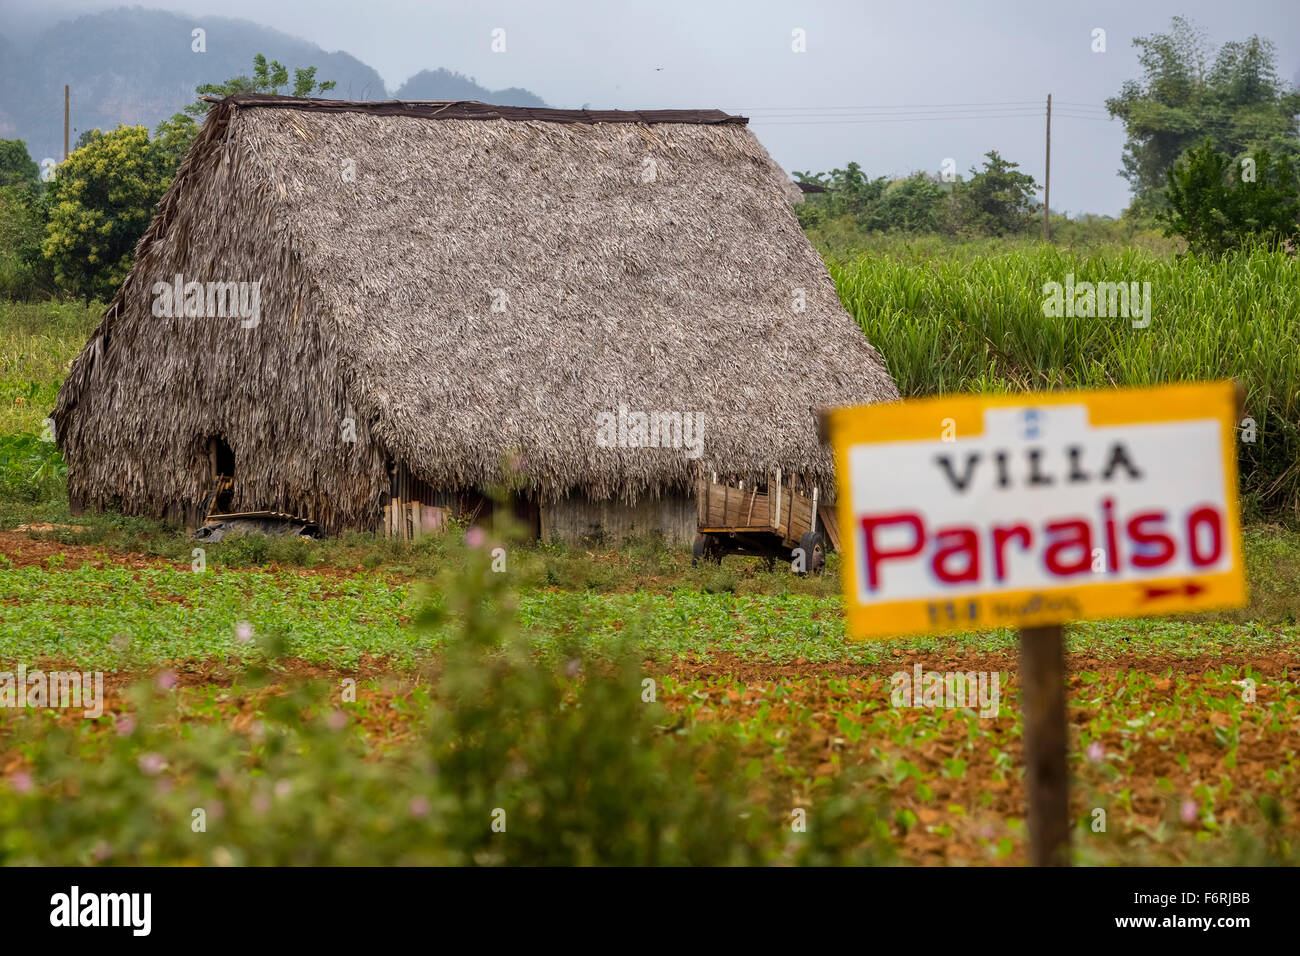 Firmar a una pensión privada, Villa Paraíso, cubierto con hojas de granero para el secado de las hojas Imagen De Stock